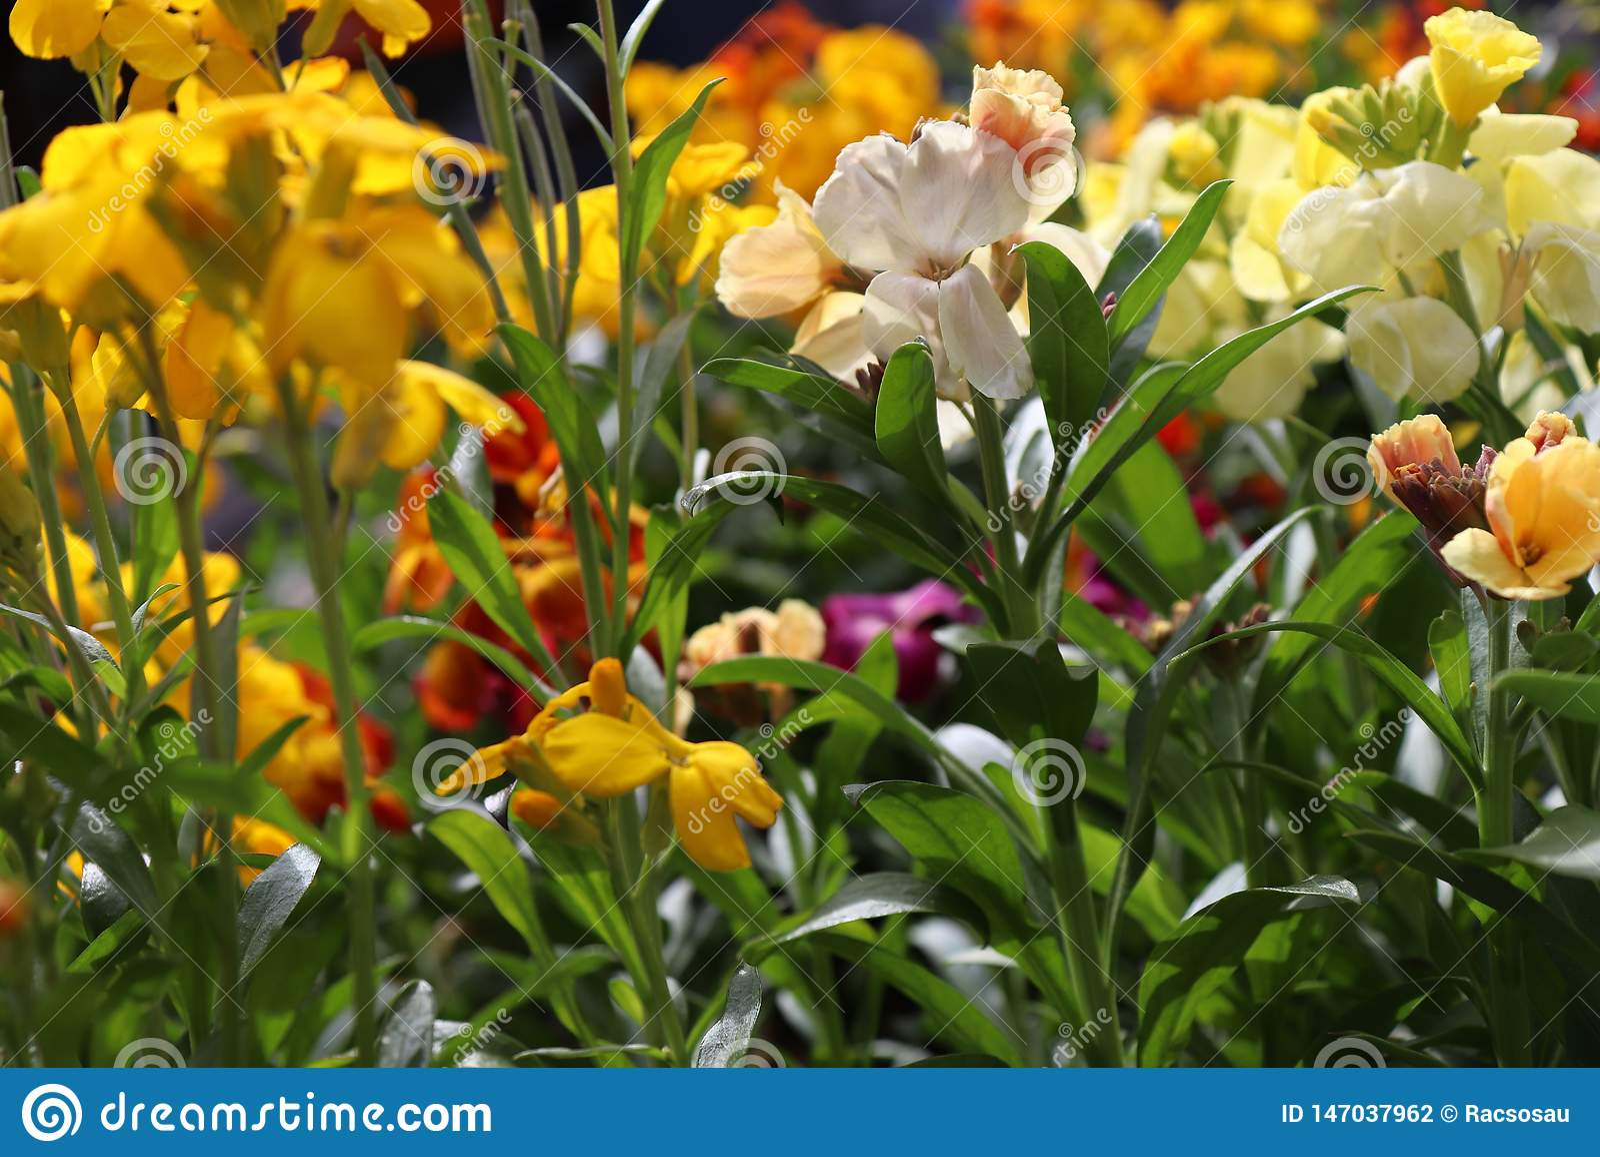 Enorme kleurrijke inzameling van bloemen